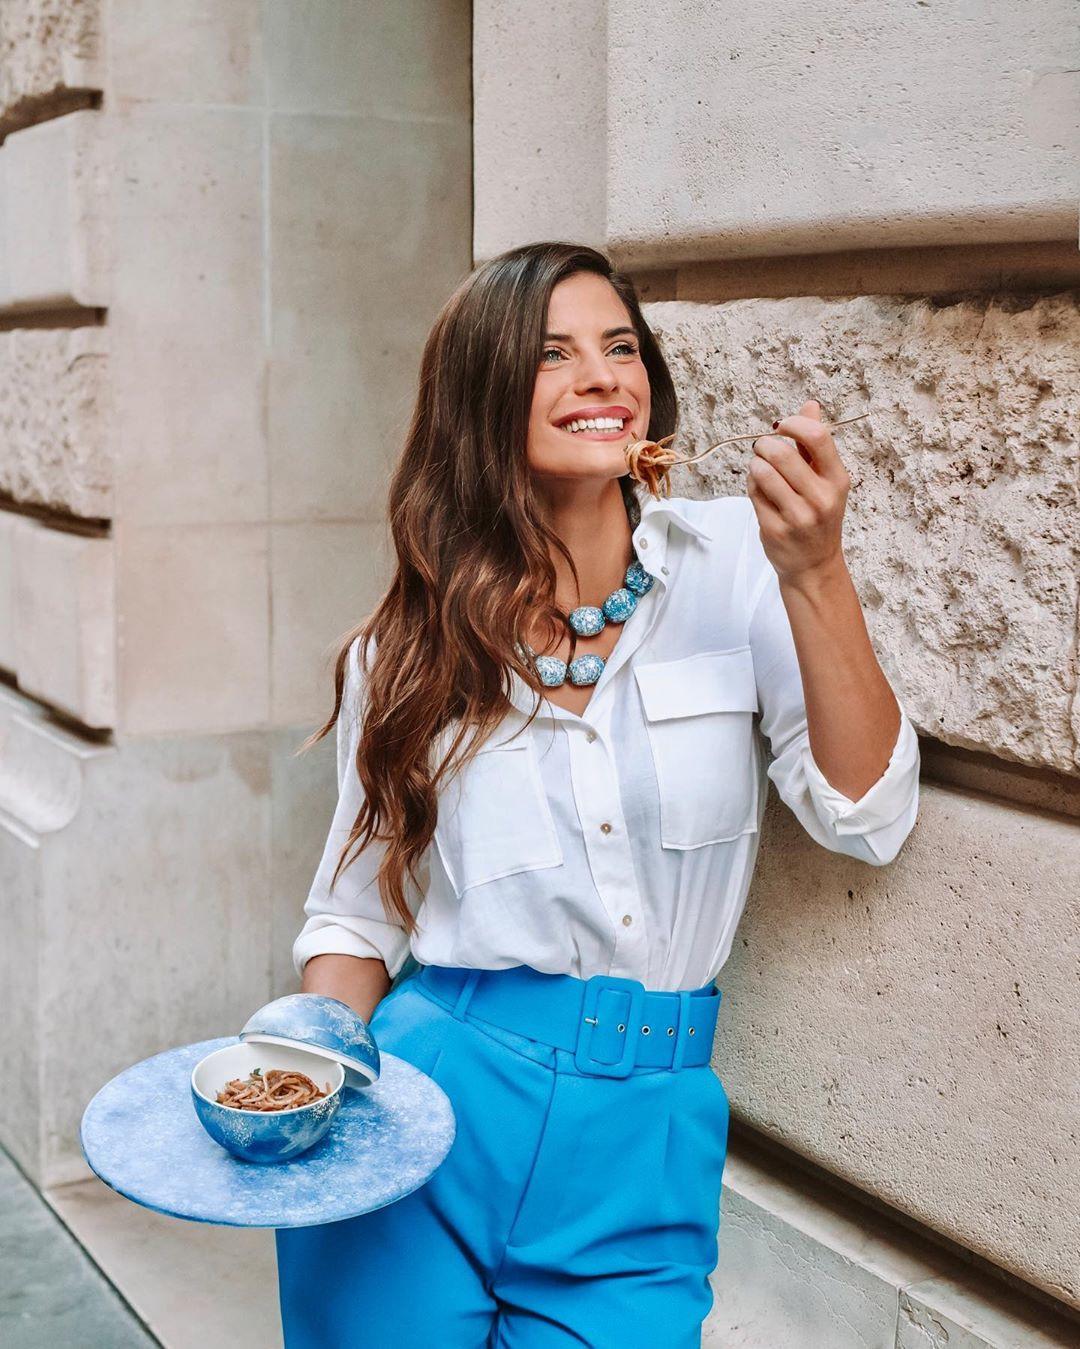 Η Χριστίνα Μπόμπα στο Παρίσι με λευκό πουκάμισο και γαλάζια παντελόνα απολαμβάνει την μακαρονάδα της